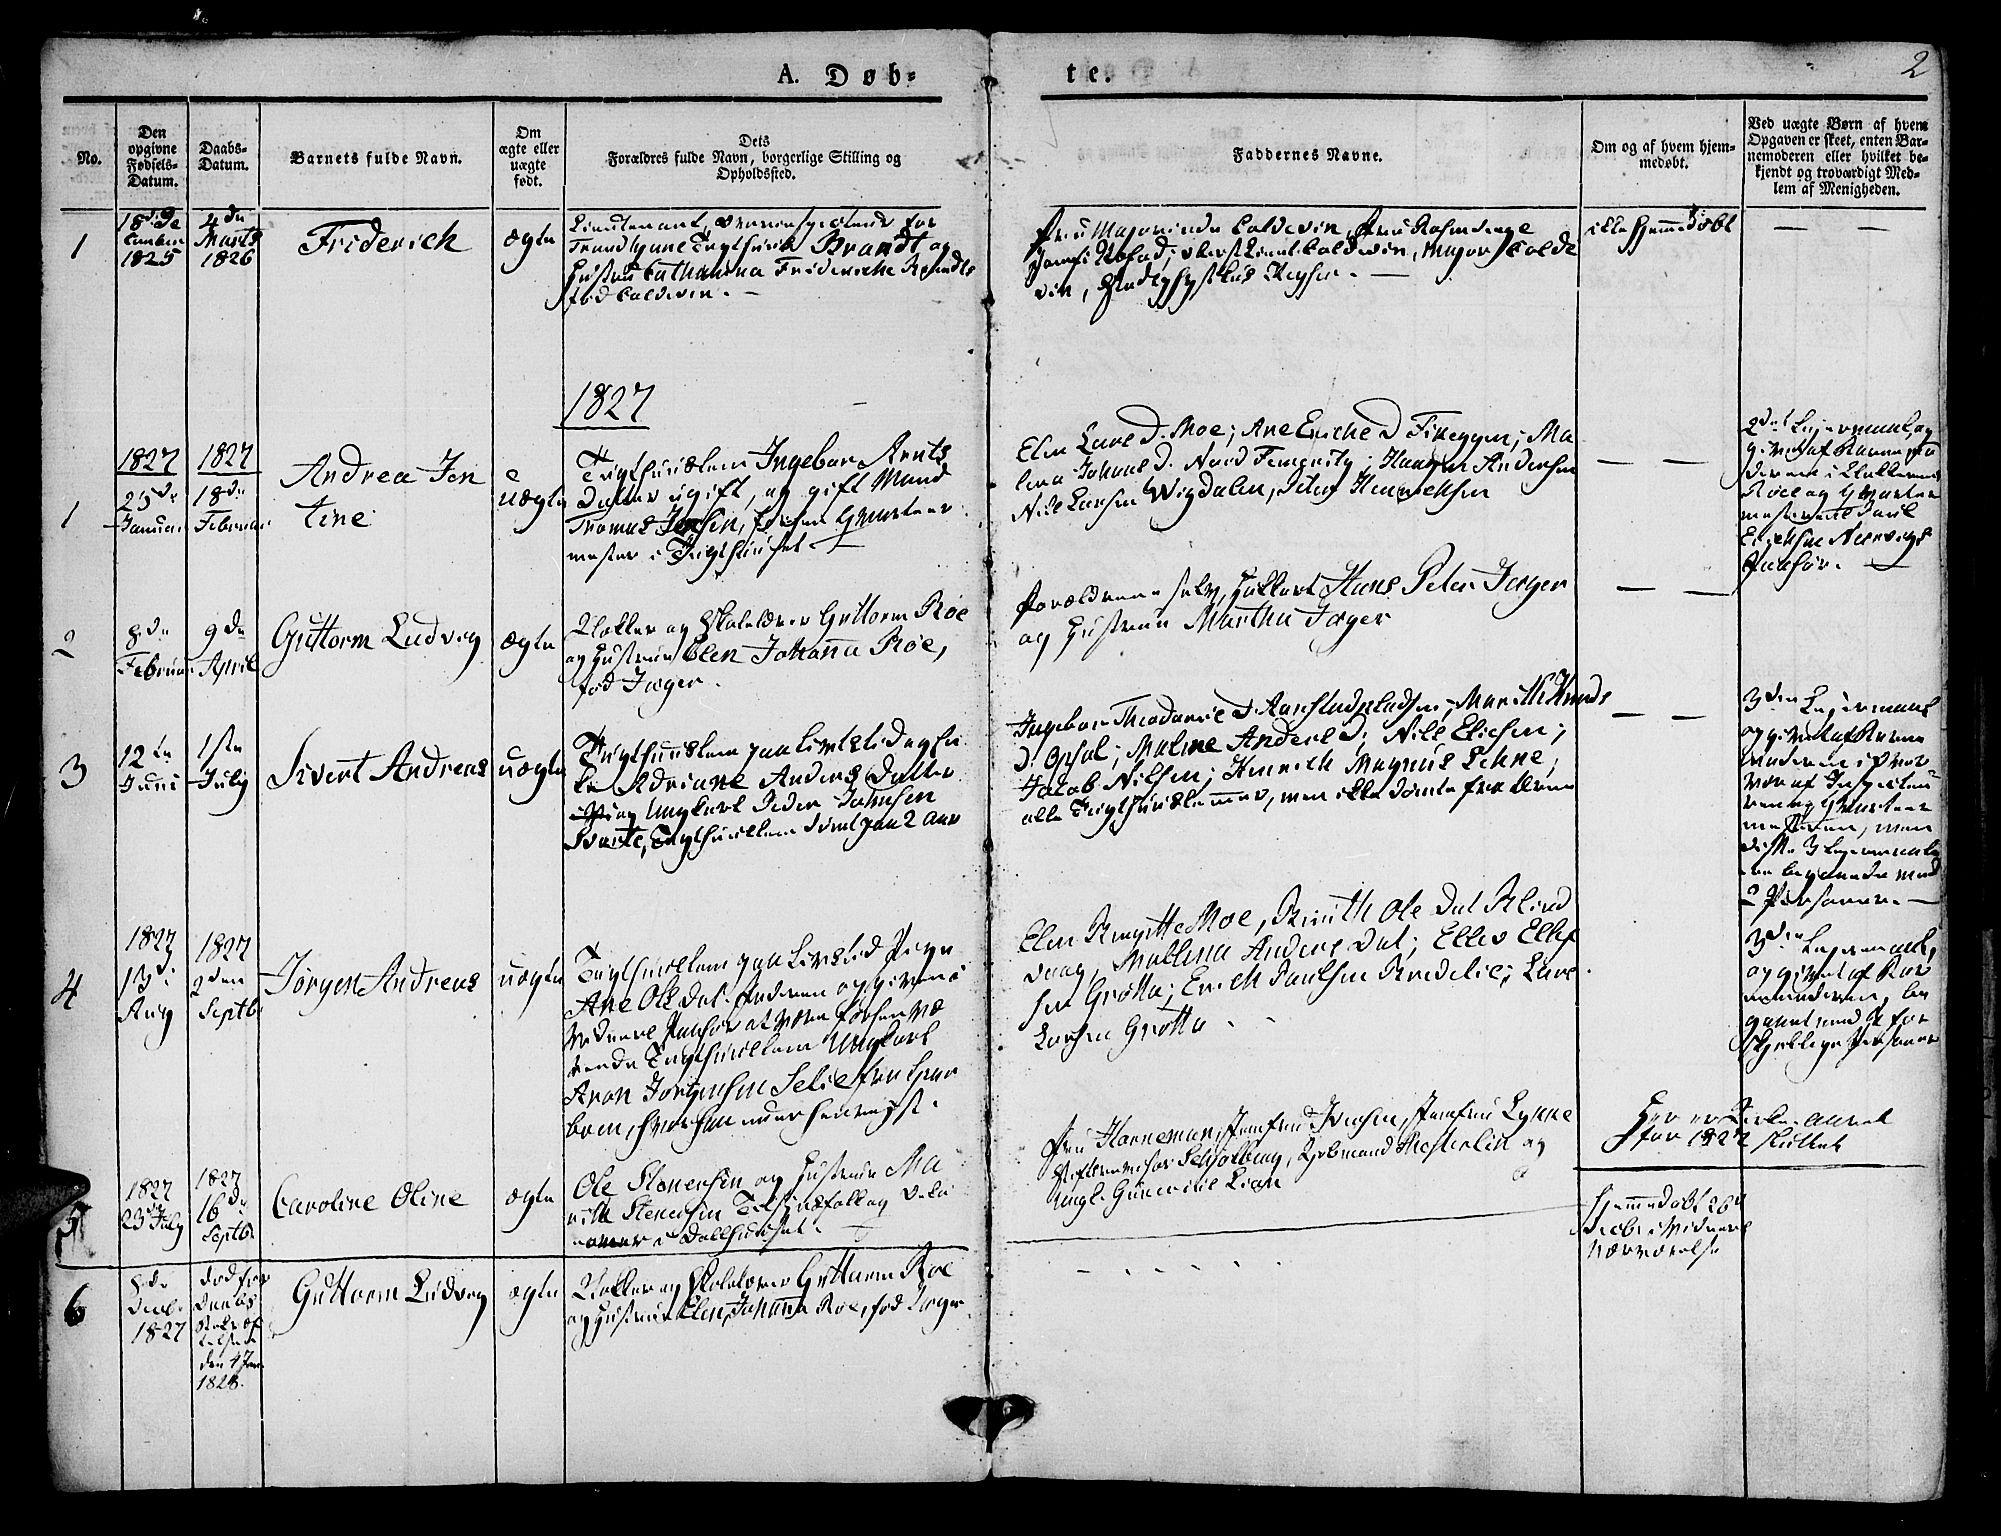 SAT, Ministerialprotokoller, klokkerbøker og fødselsregistre - Sør-Trøndelag, 623/L0468: Ministerialbok nr. 623A02, 1826-1867, s. 2